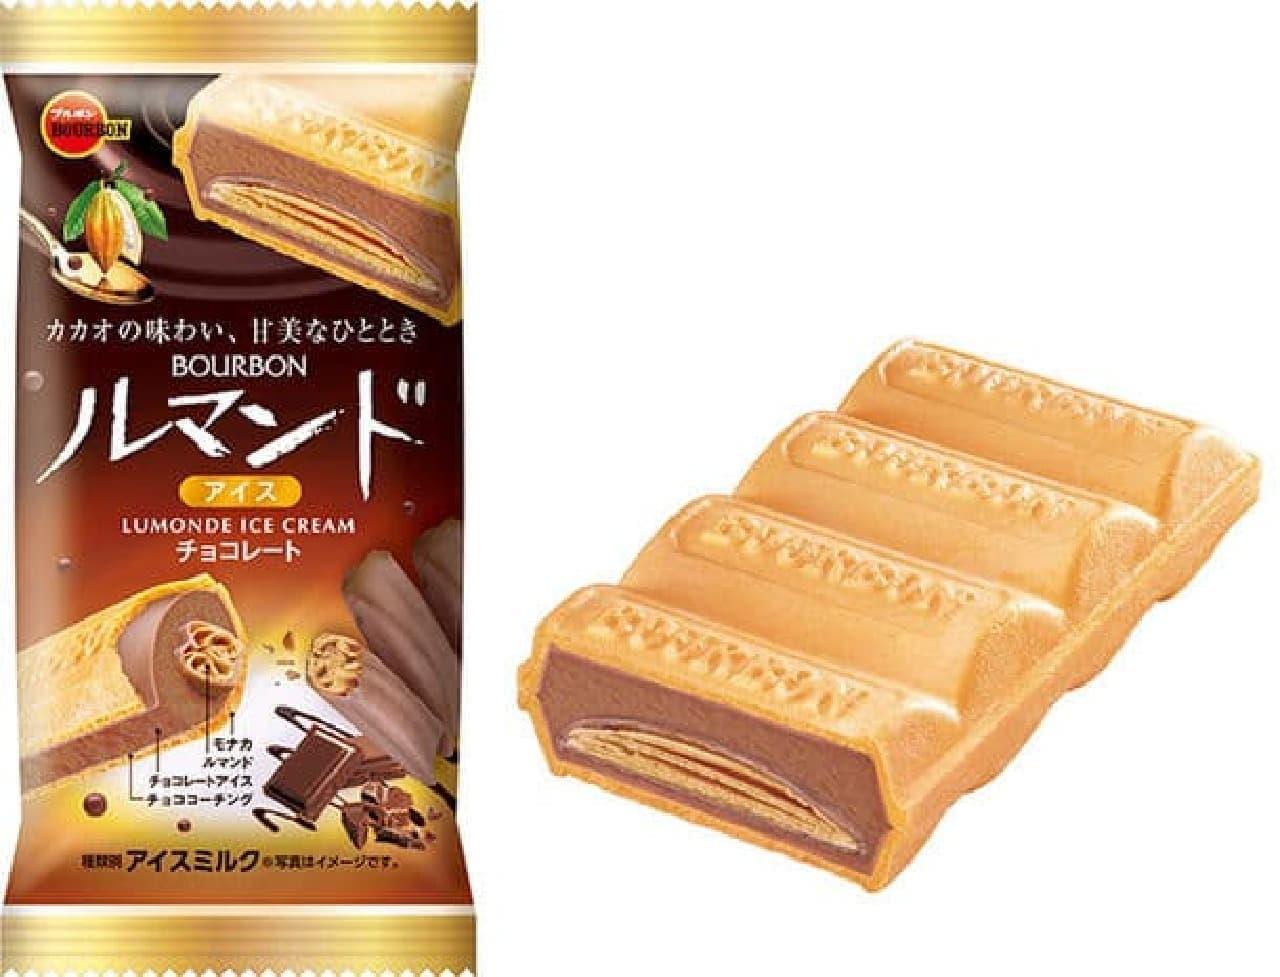 ブルボンルマンドアイスチョコレート」